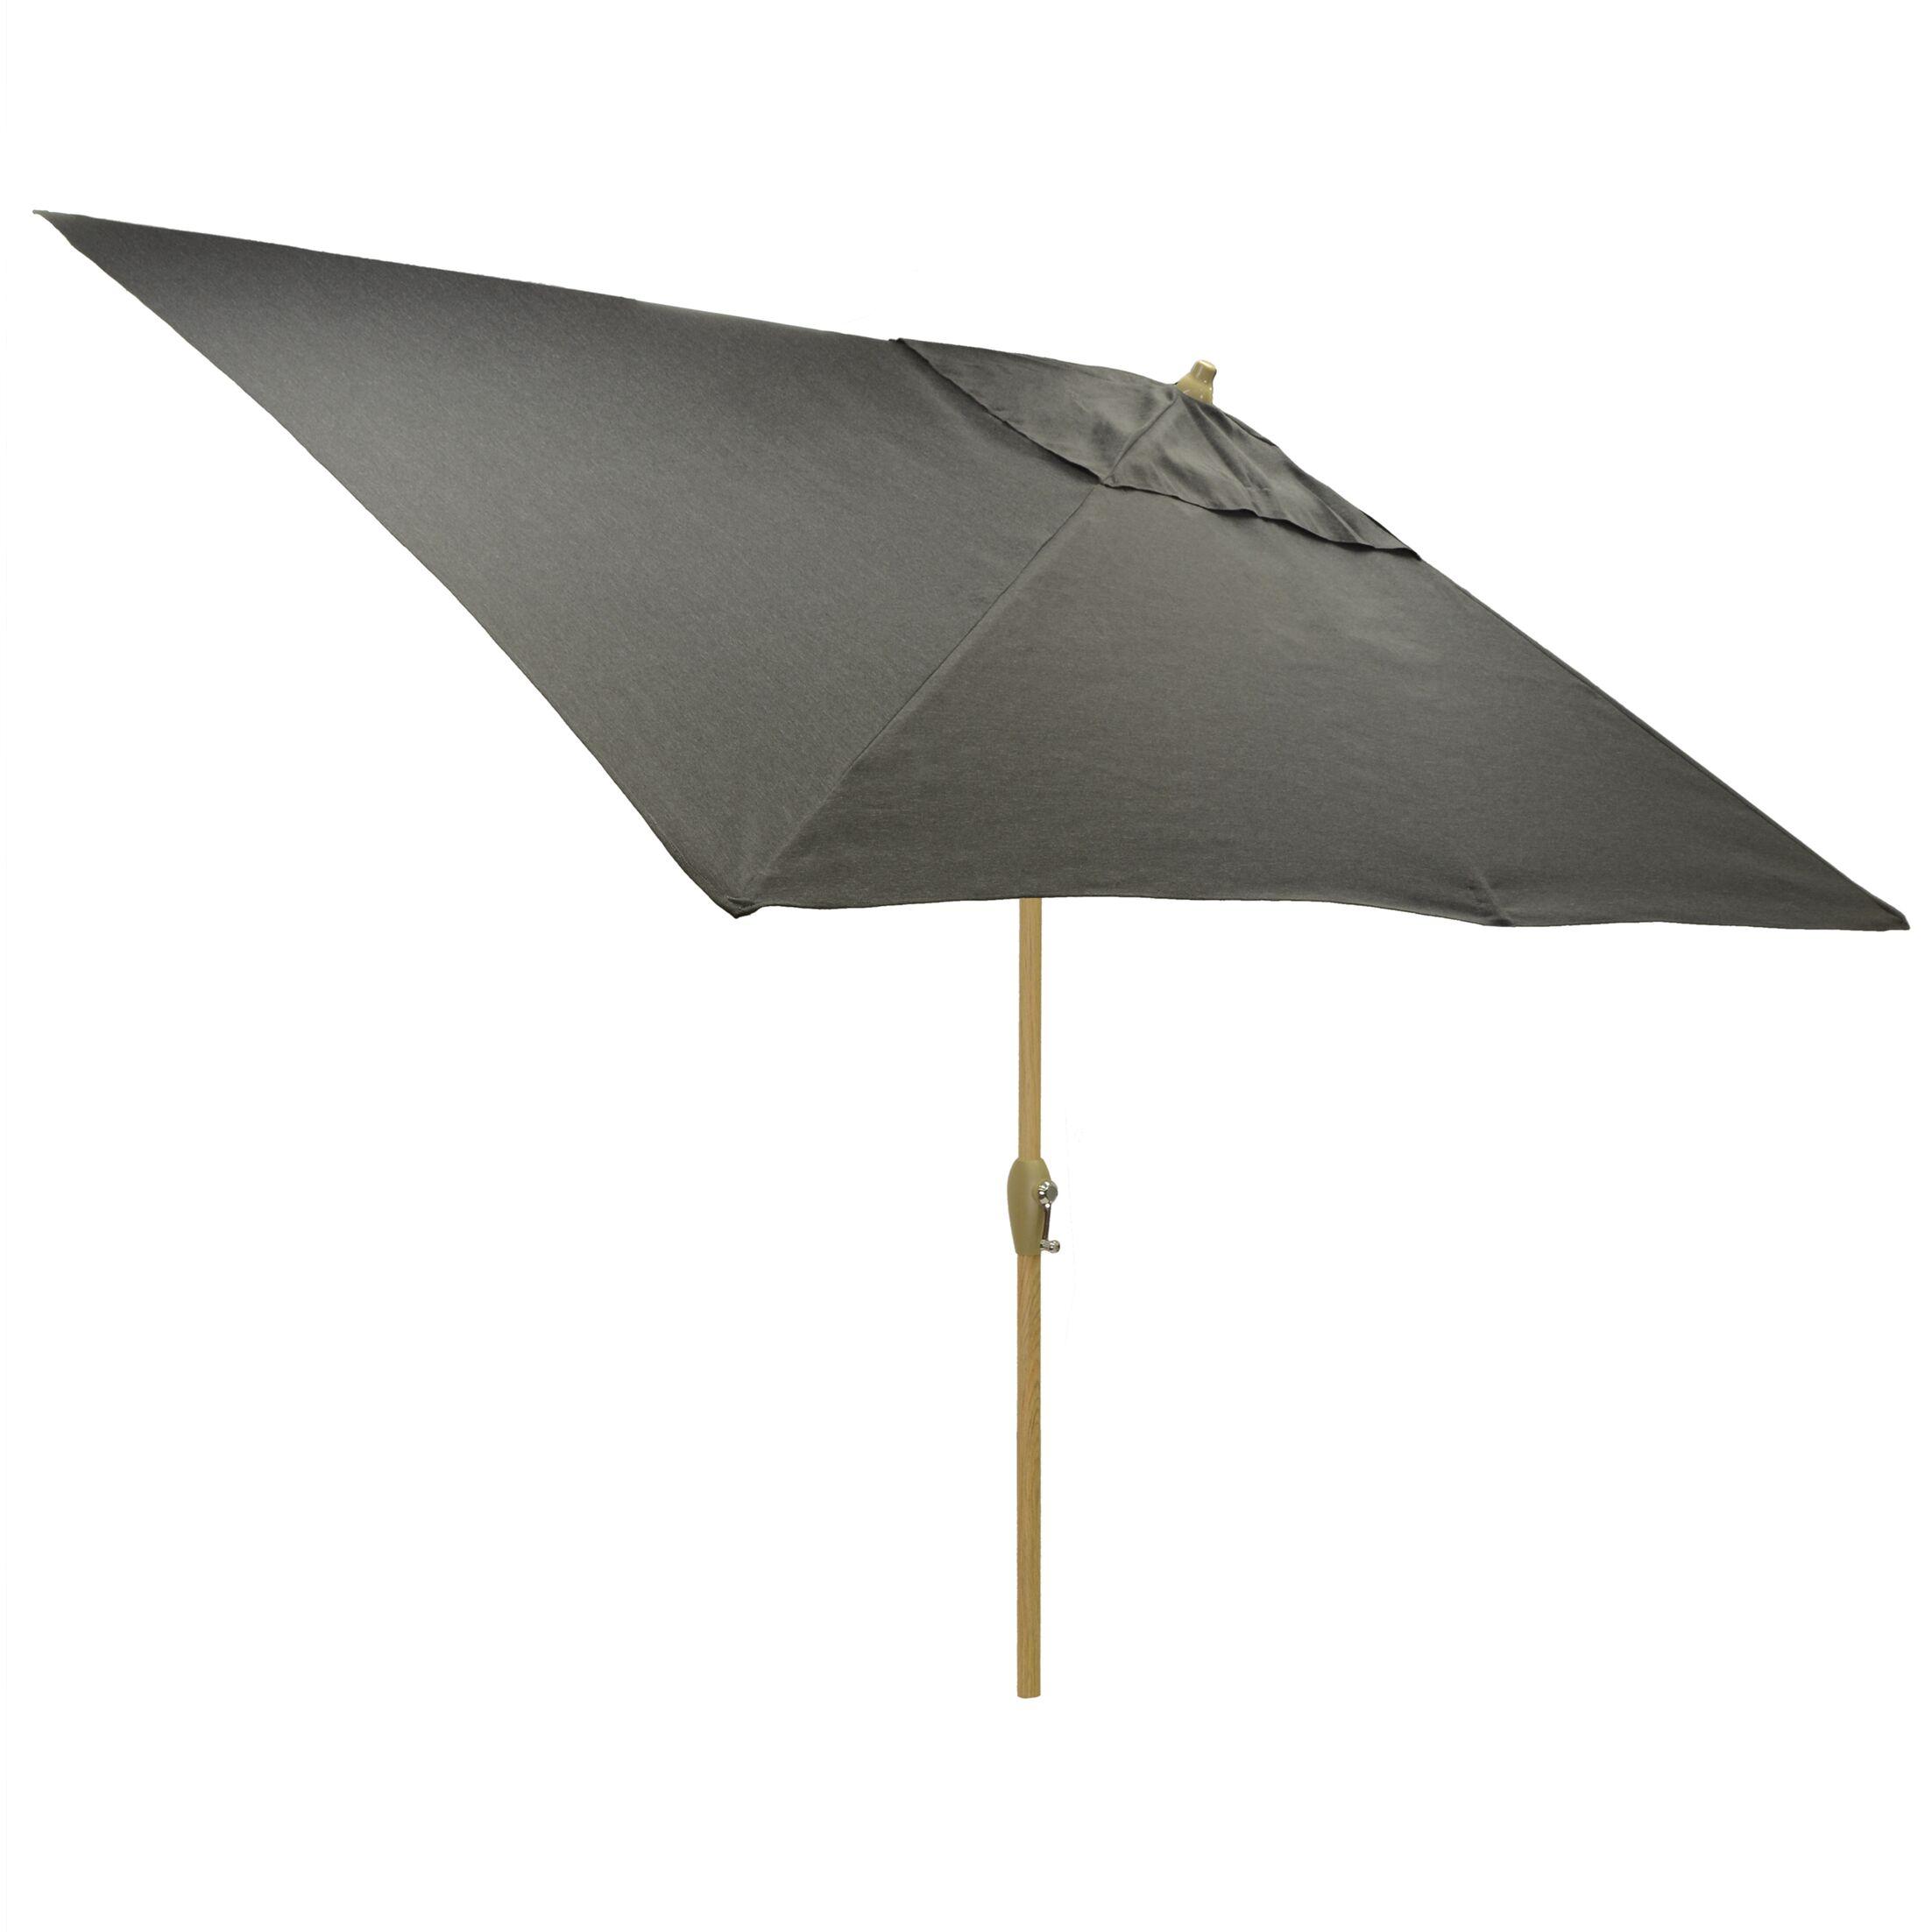 Hulme Solid 6.5' x 10' Rectangular Market Umbrella Fabric Color: Charcoal